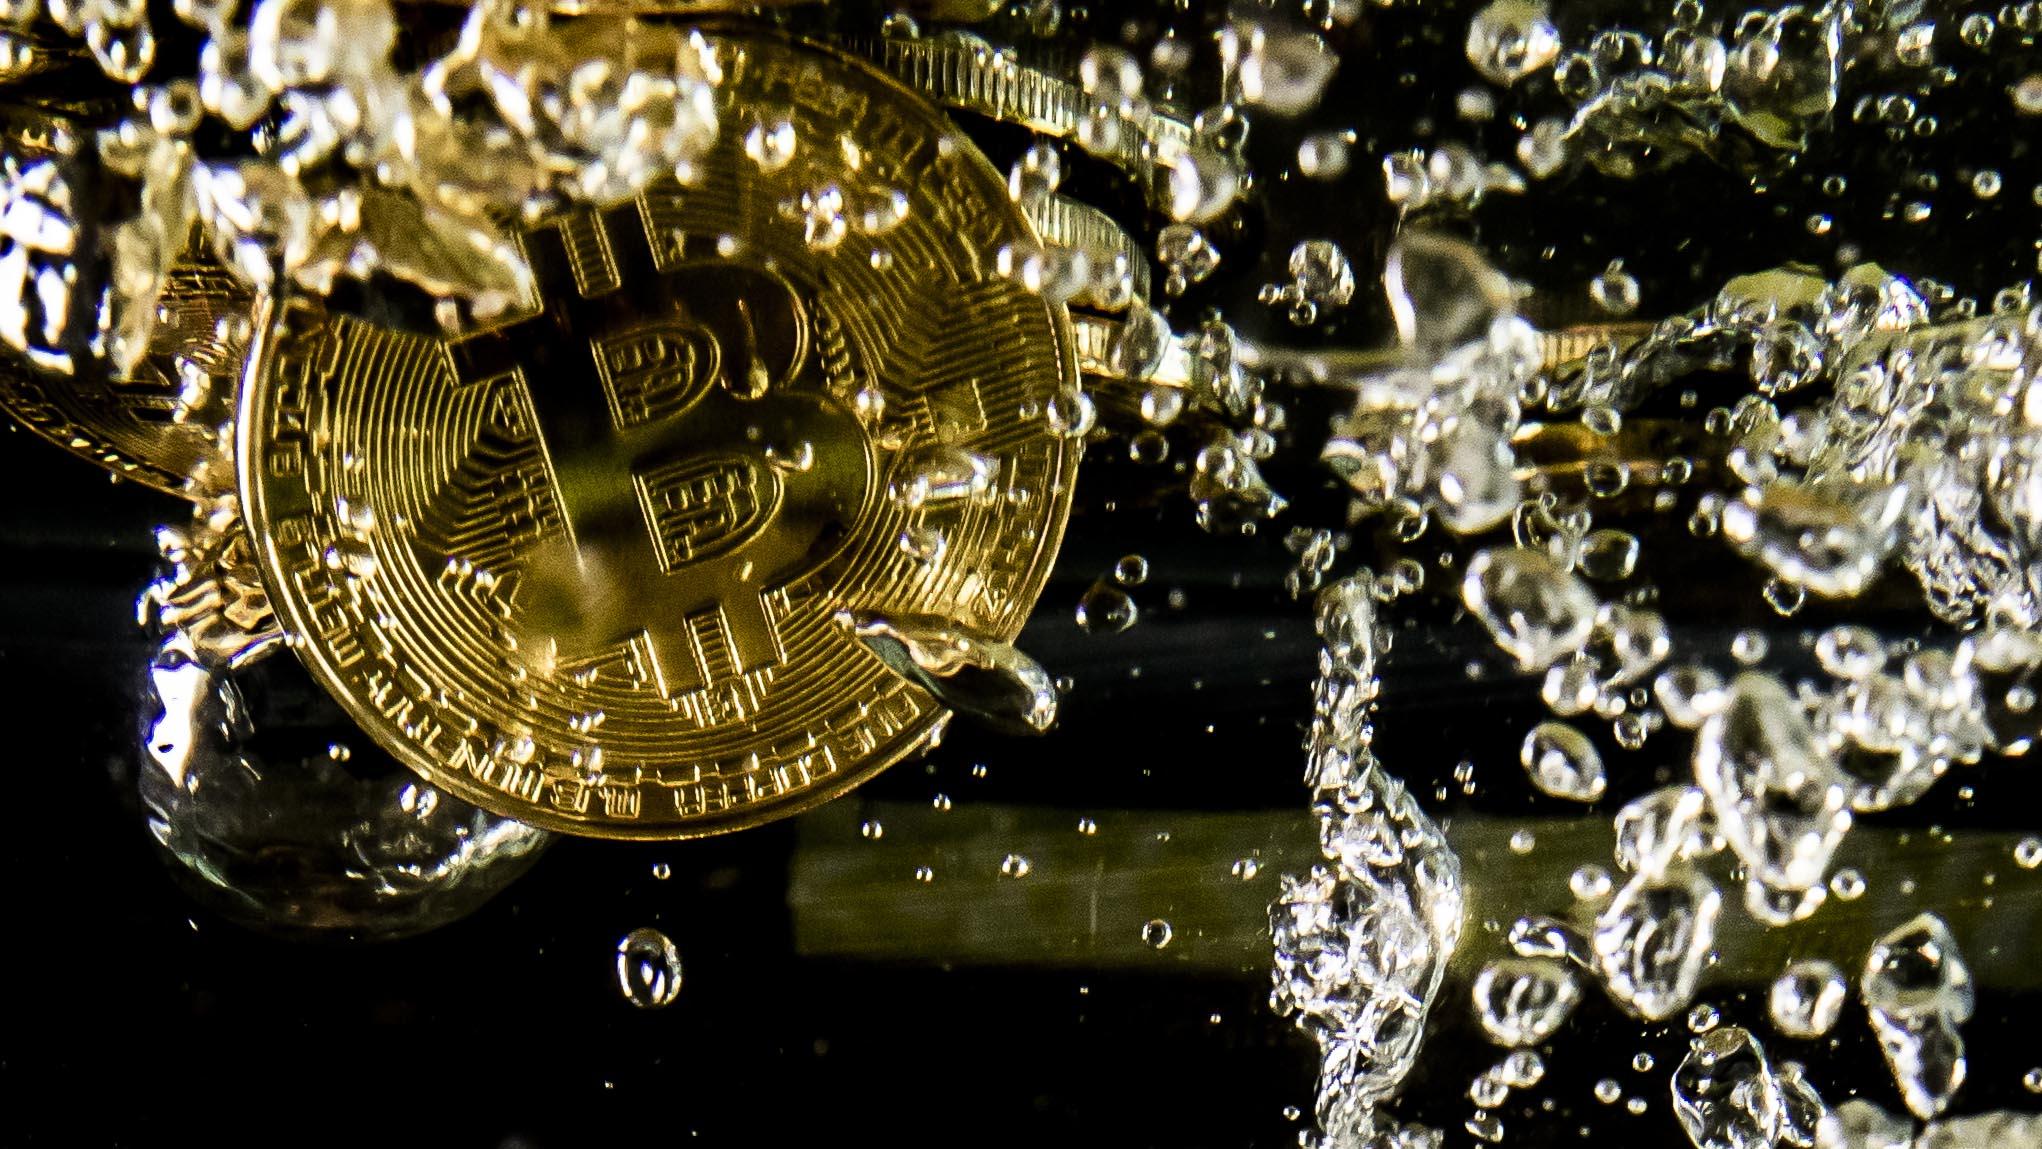 Kína kezében az USA elleni pénzügyi fegyver lehet a bitcoin a milliárdos szerint - nevetadokabornak.hu